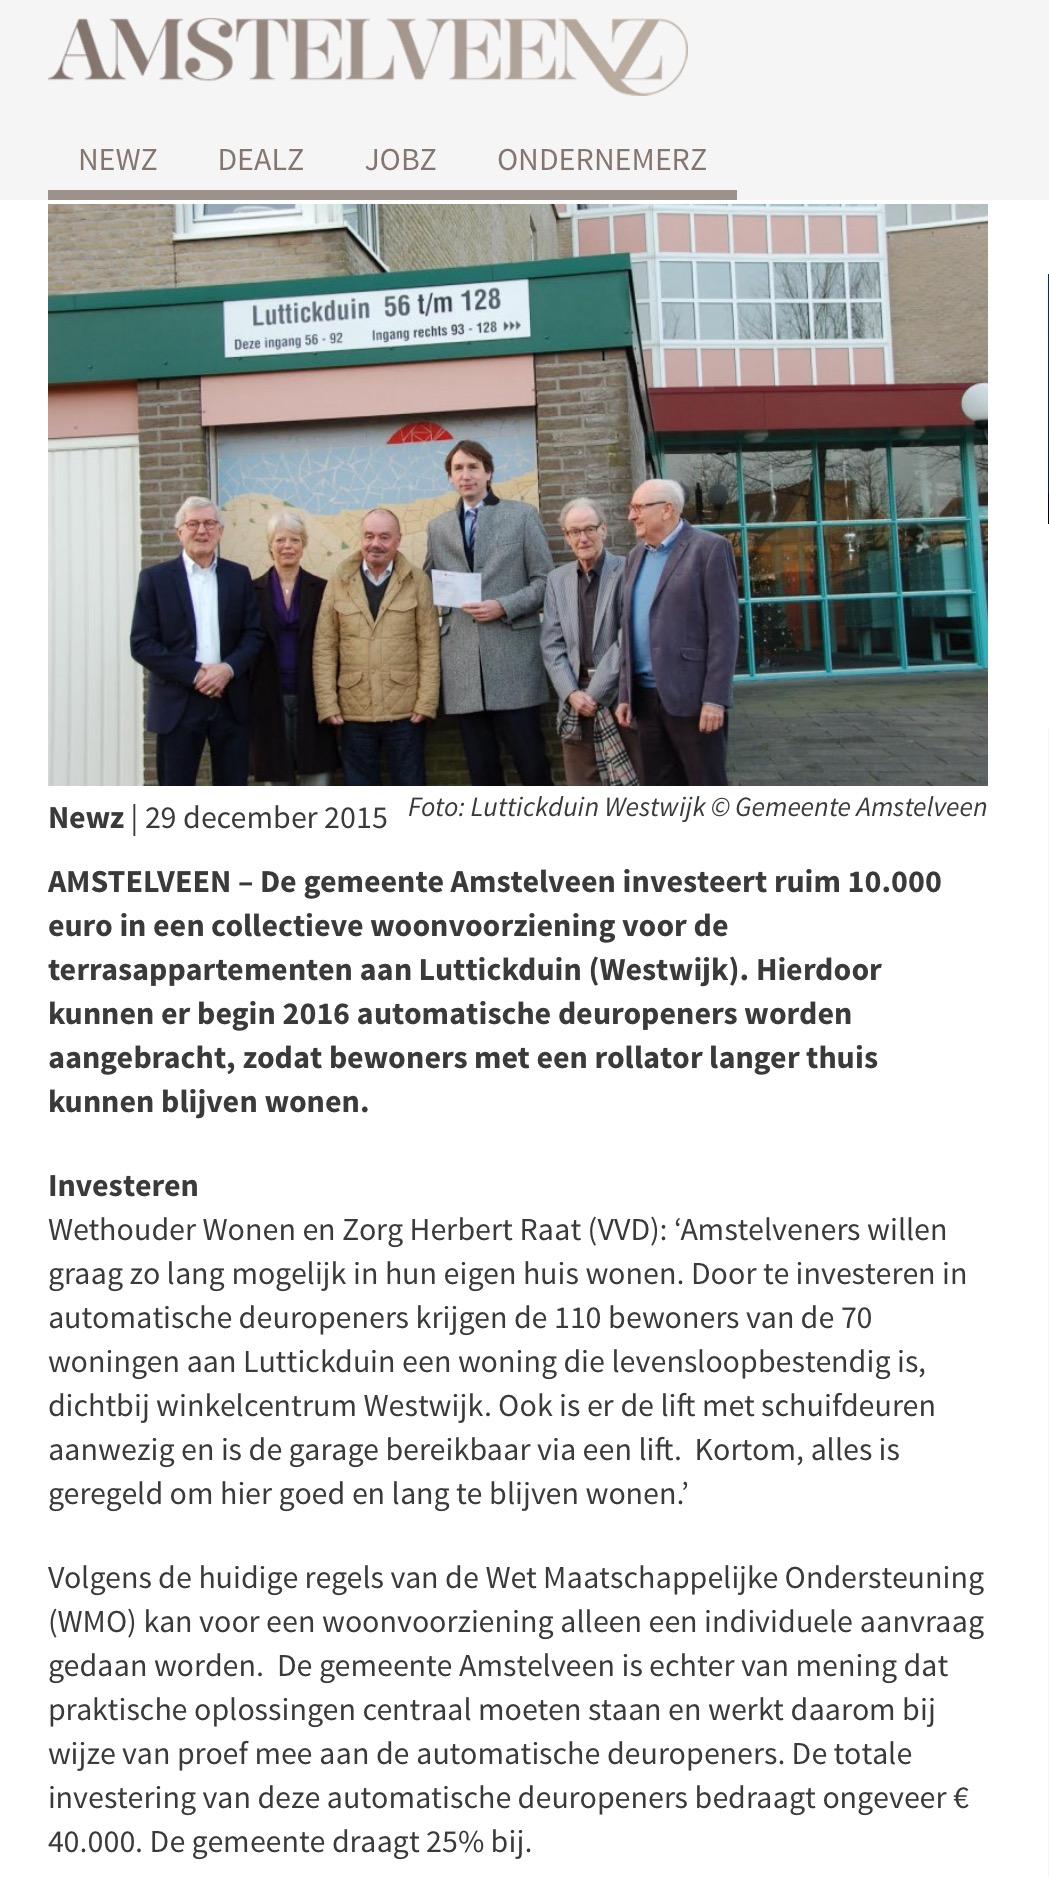 2015-29-12 AmstelveenZ; Herbert Raat over deuropeners voor Luttckduin